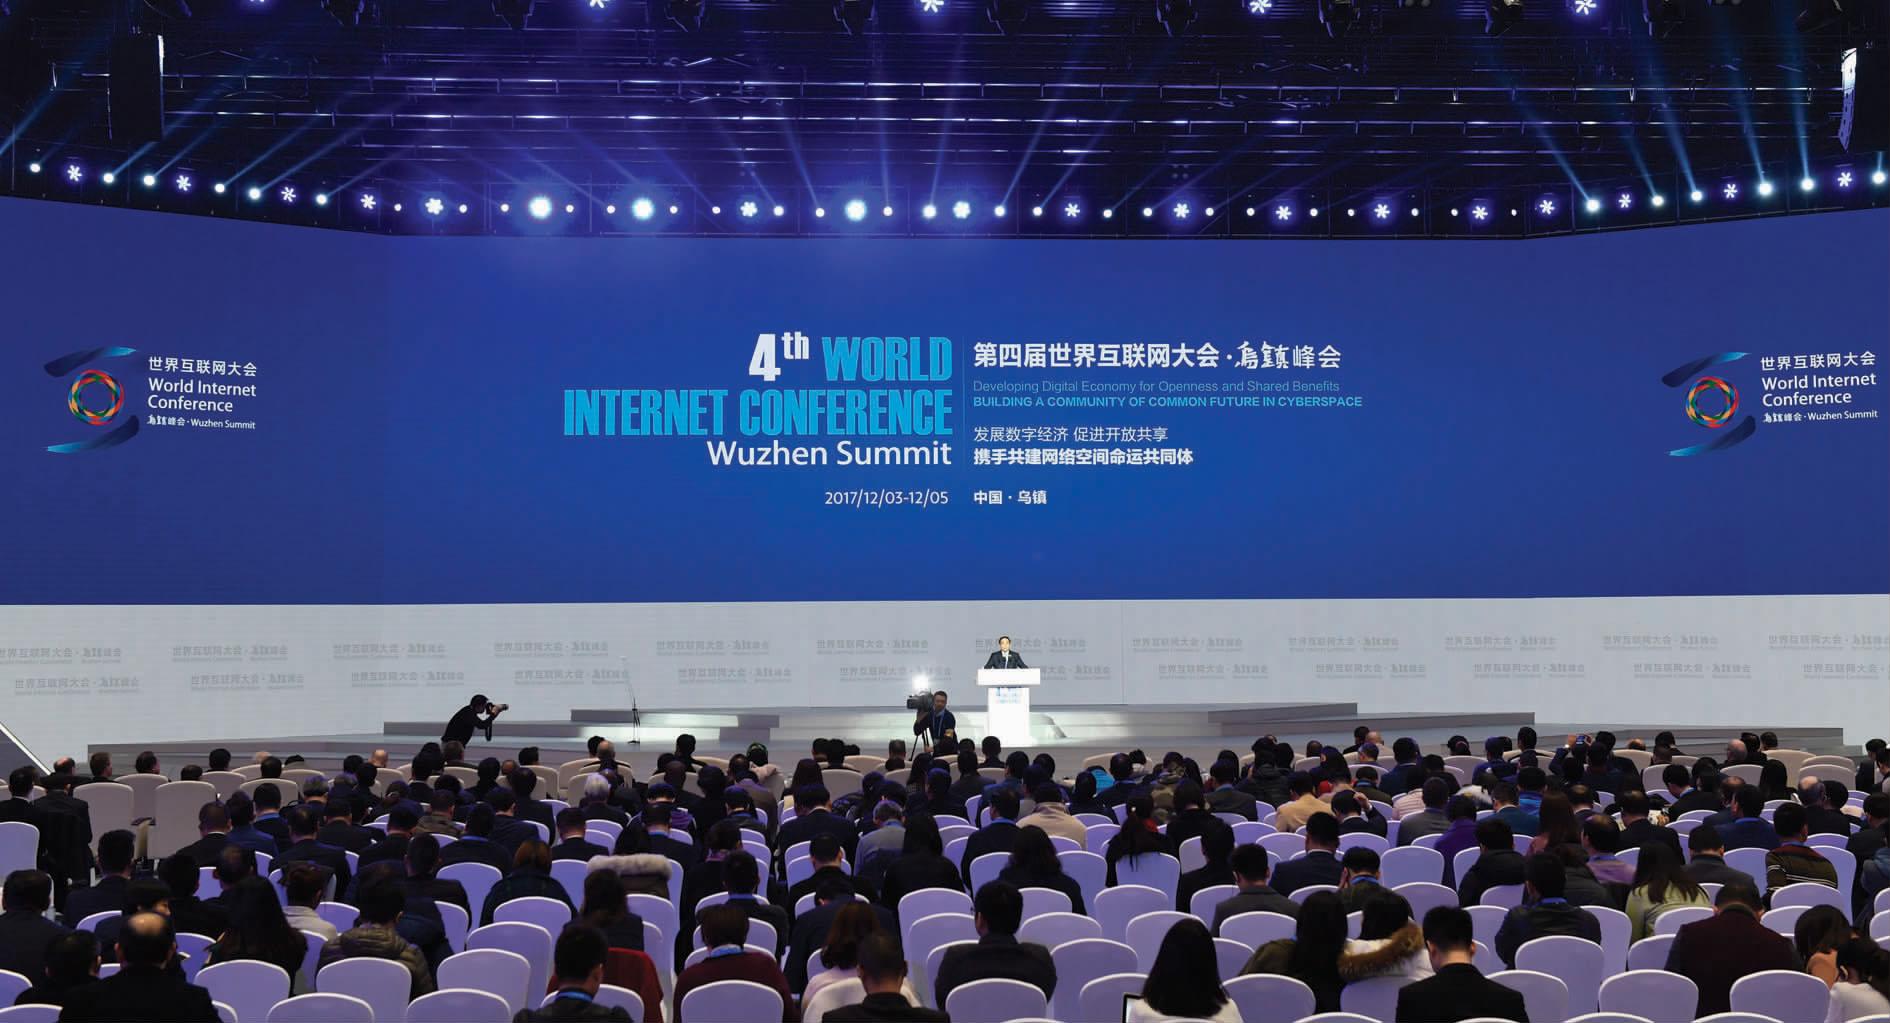 互联网大会在浙江乌镇闭幕